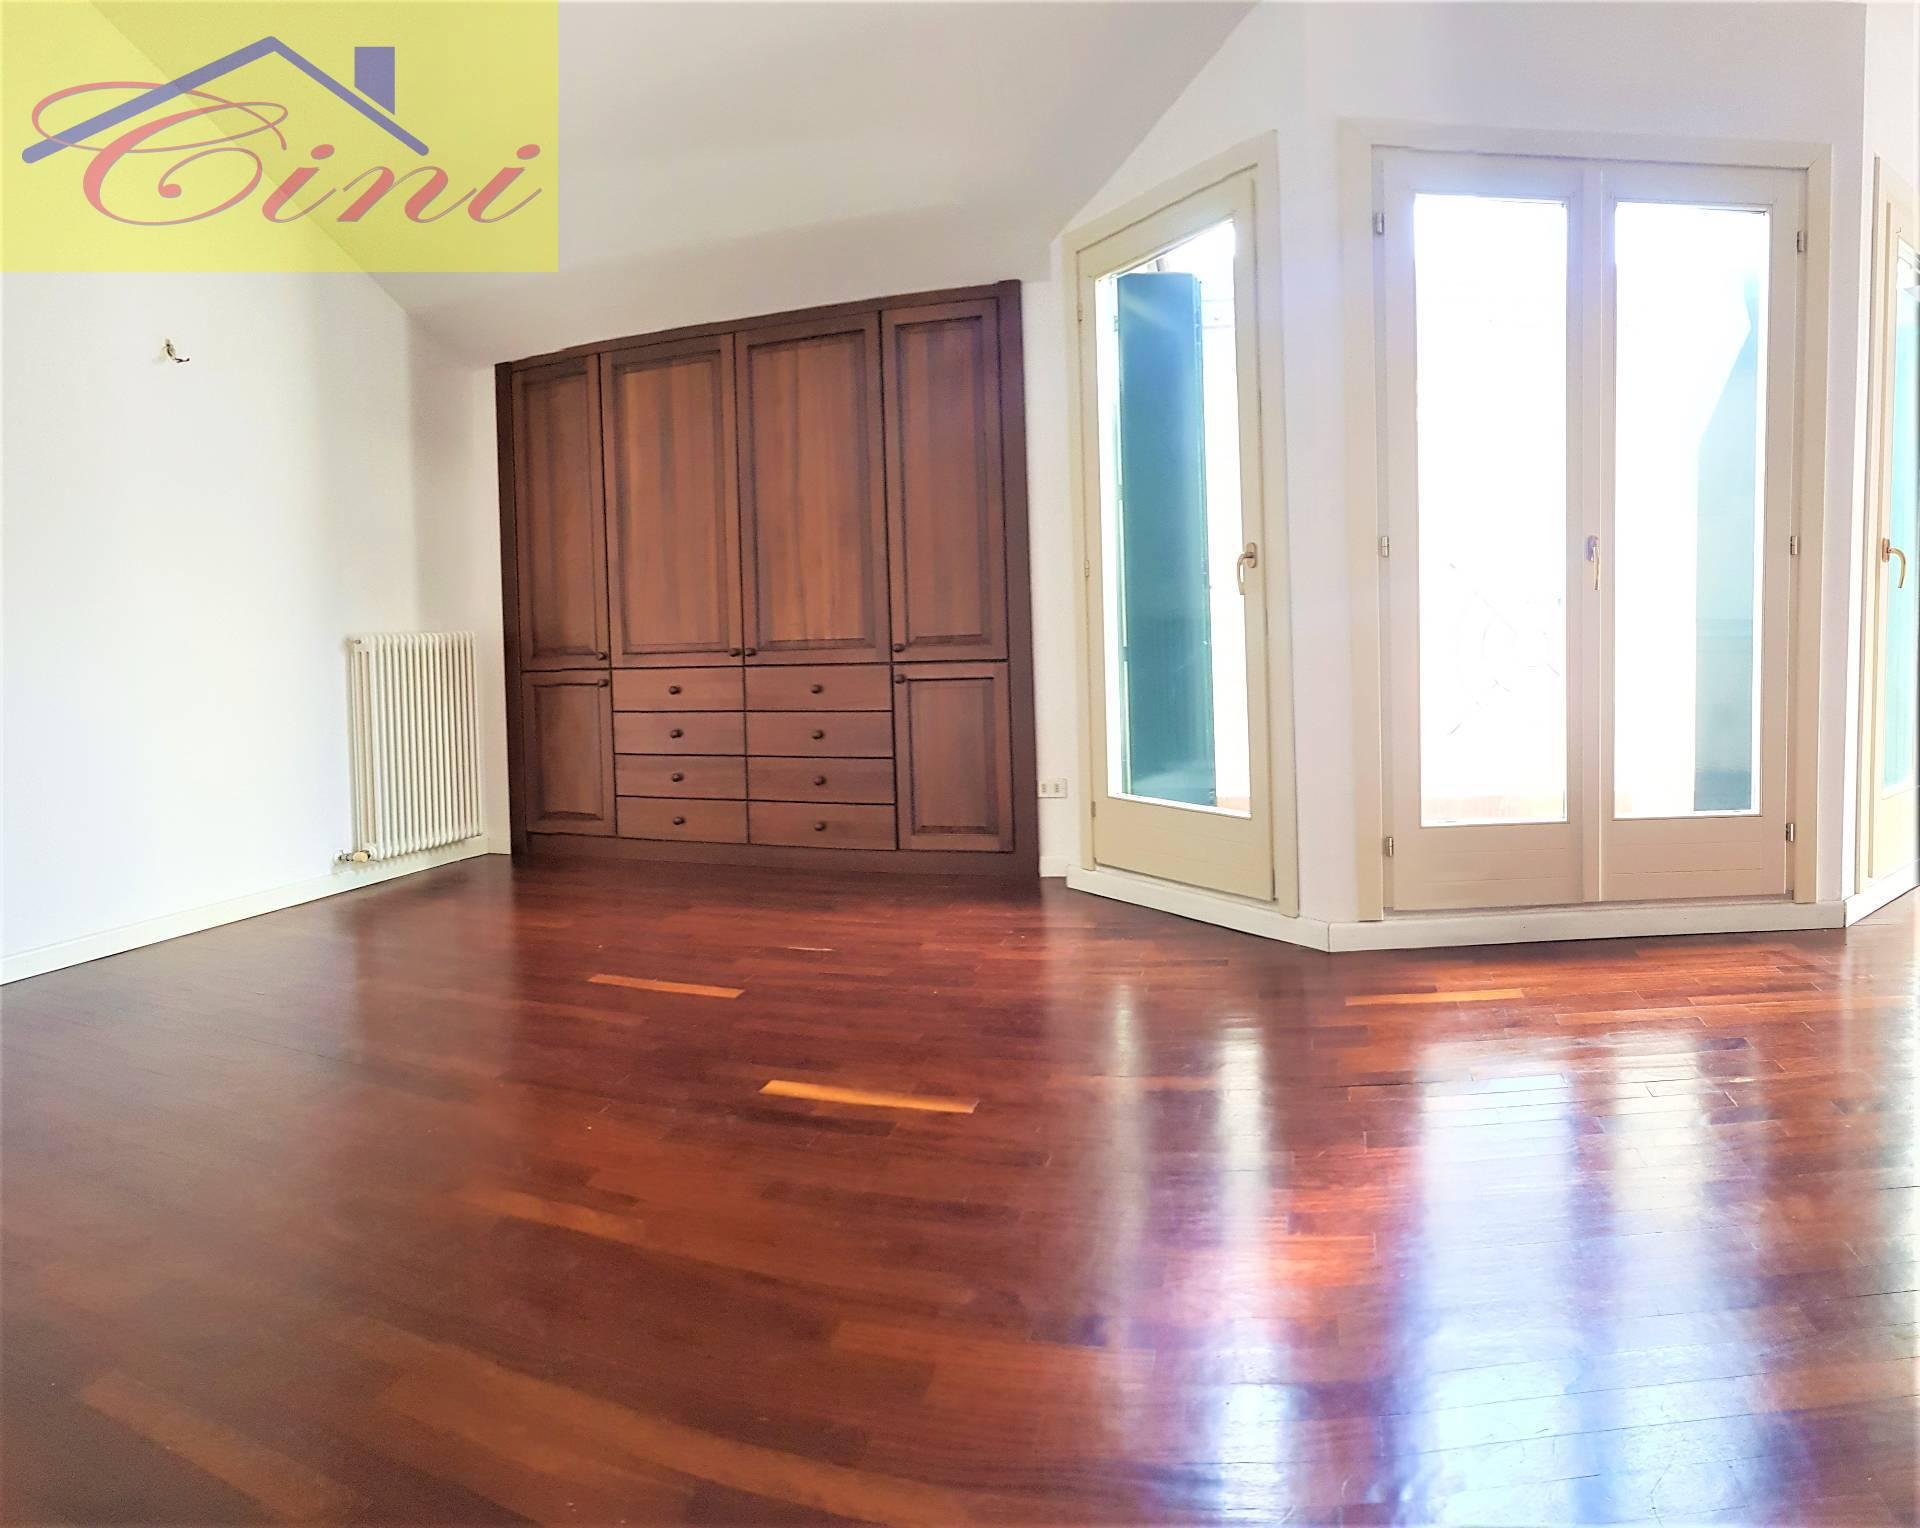 Vendita Monolocale Appartamento Lecco 237555